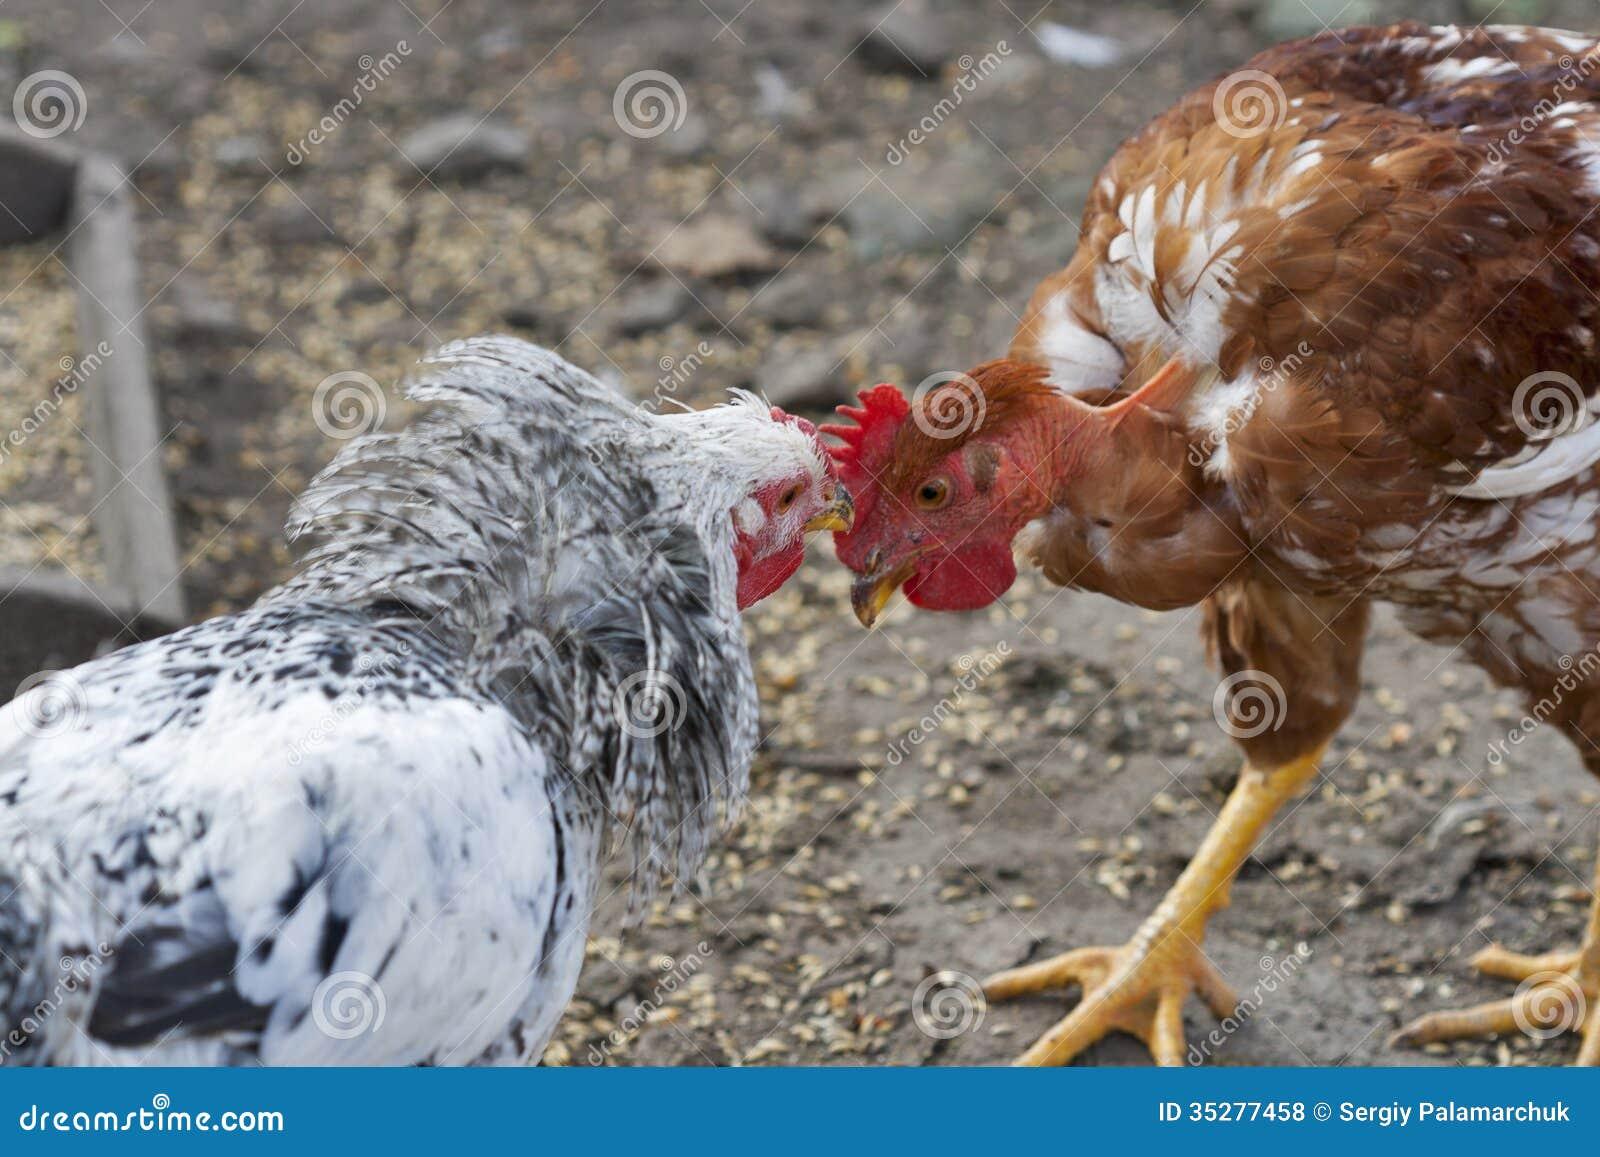 Как сделать чтобы курицы не дрались